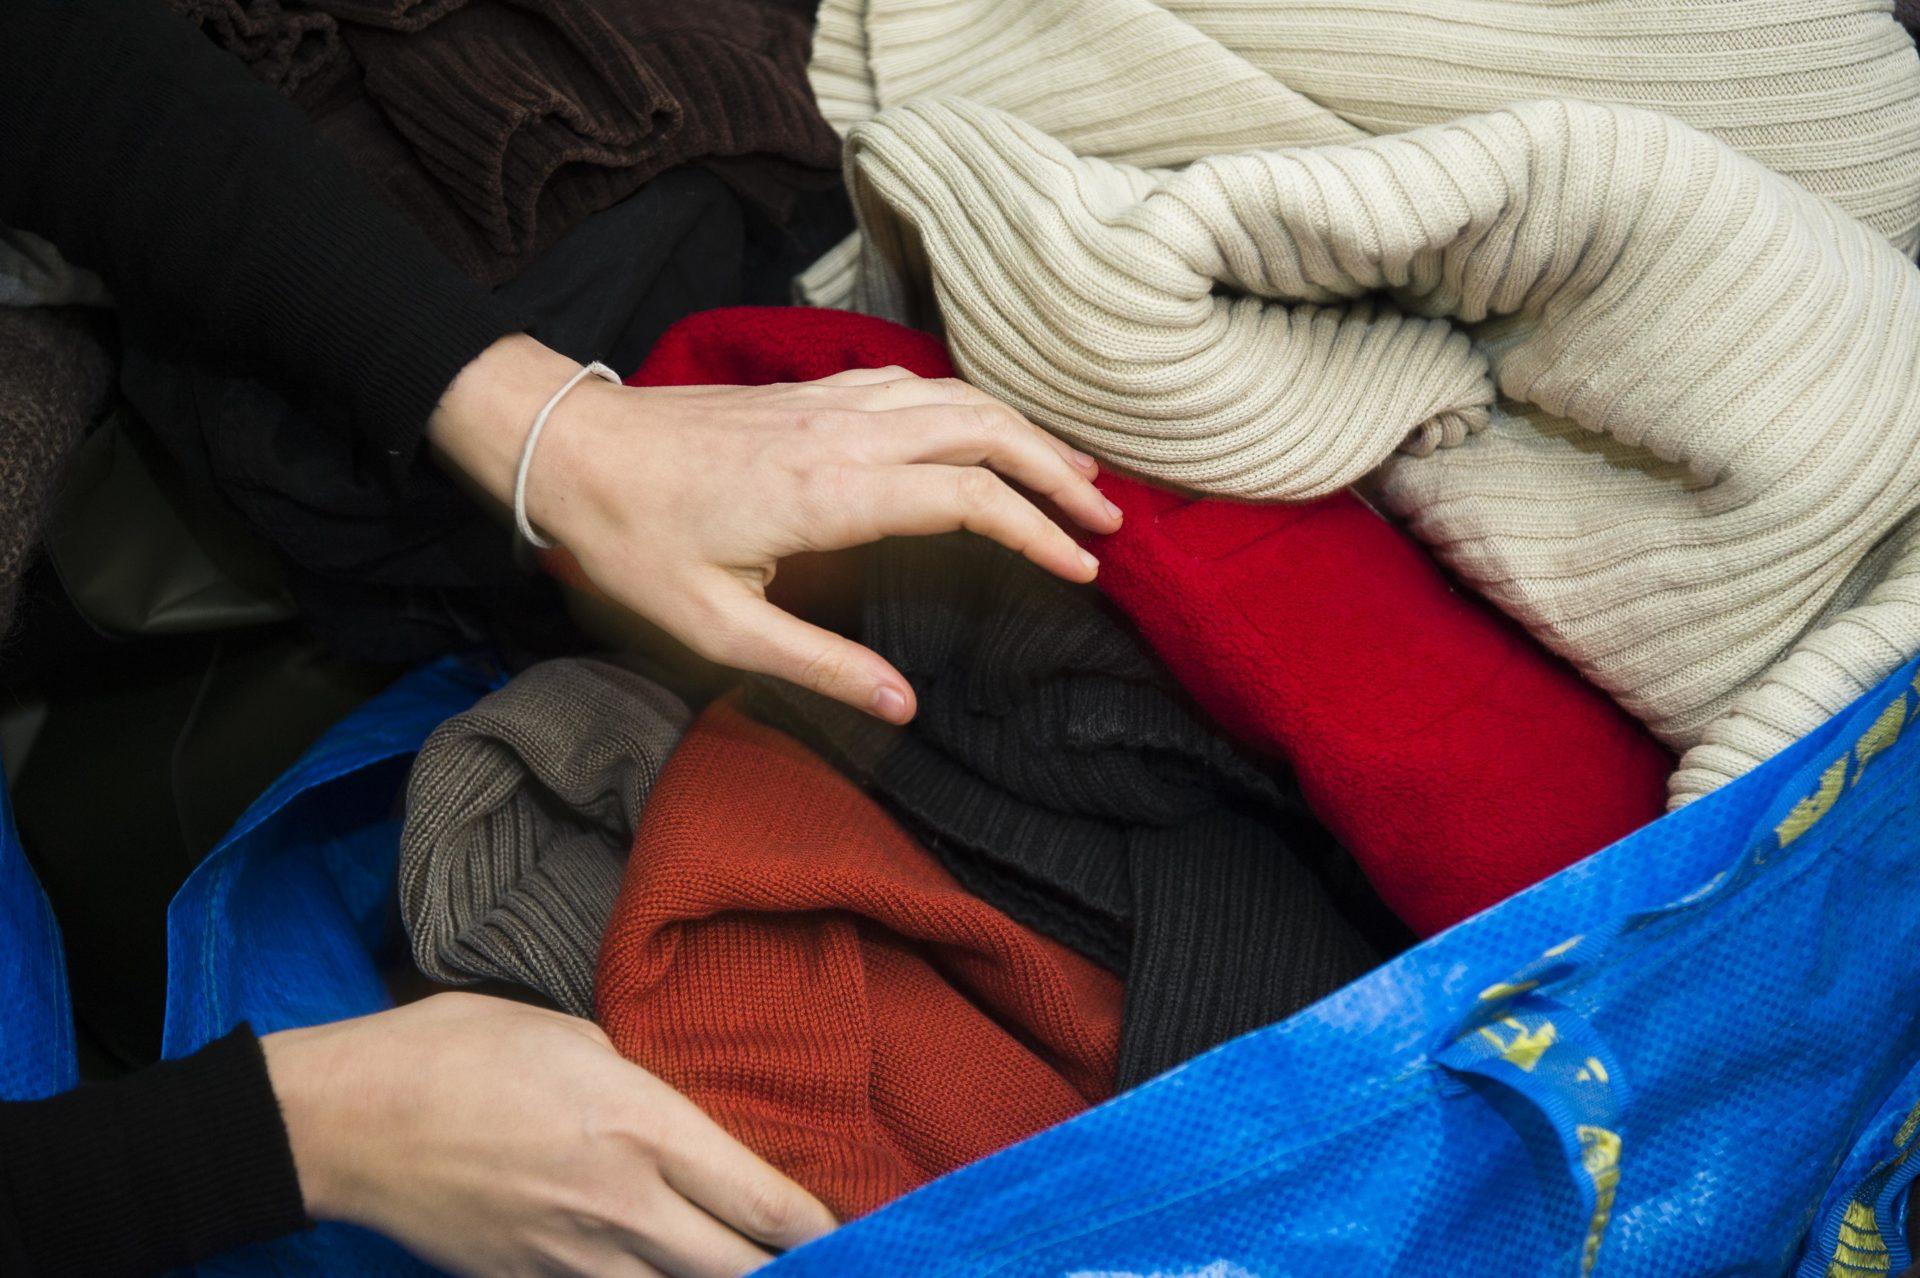 2 mains touchent des vêtements dans un sac